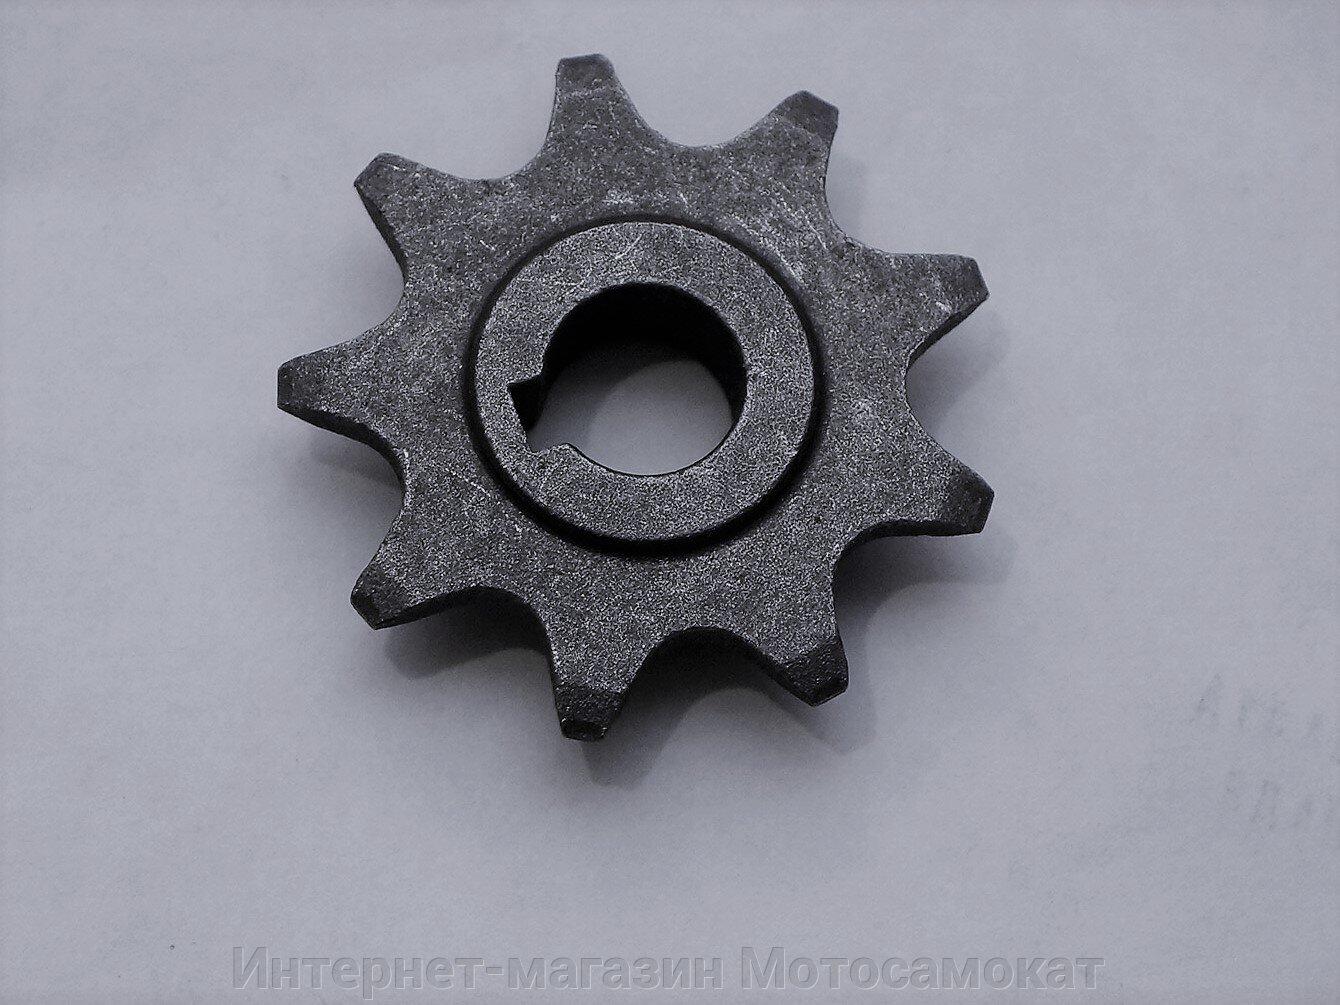 Звезда ведущая на девять зубцов для электромоторов MY1016Z, ZY1016Z